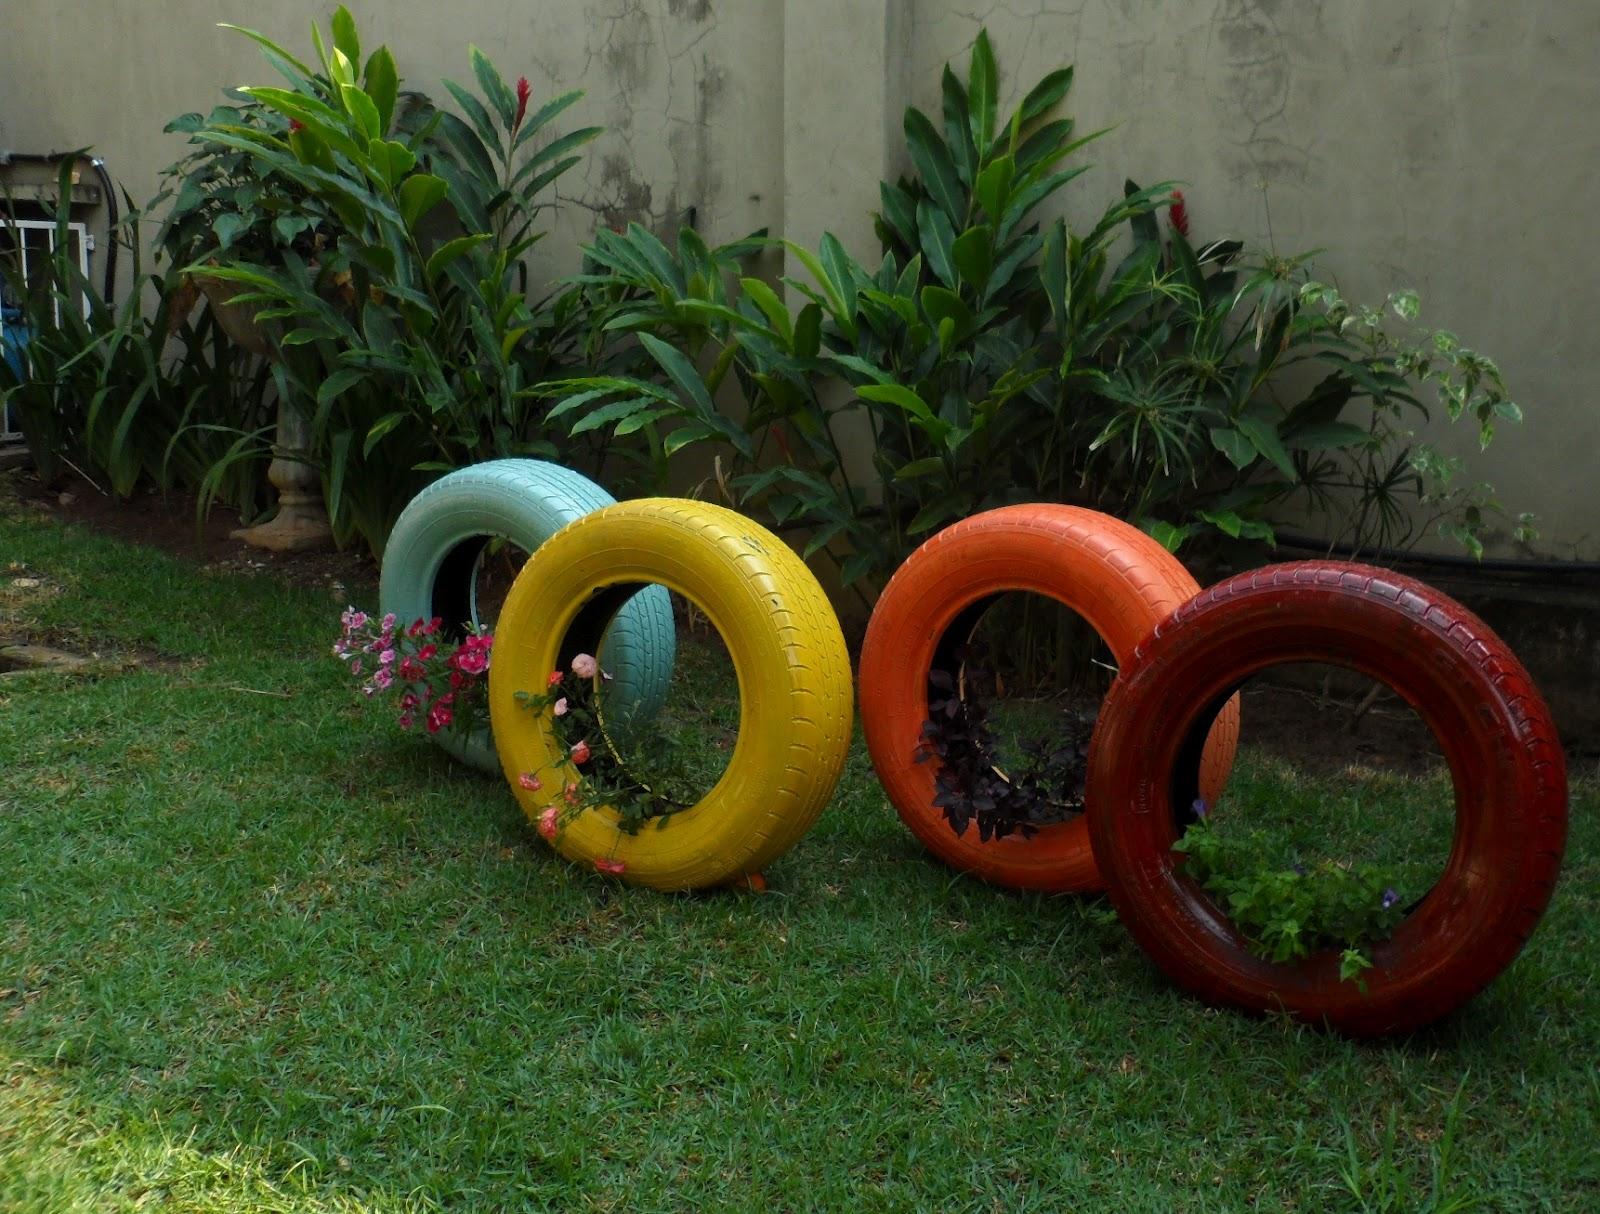 ideias para decorar meu jardim:domingo, 16 de setembro de 2012